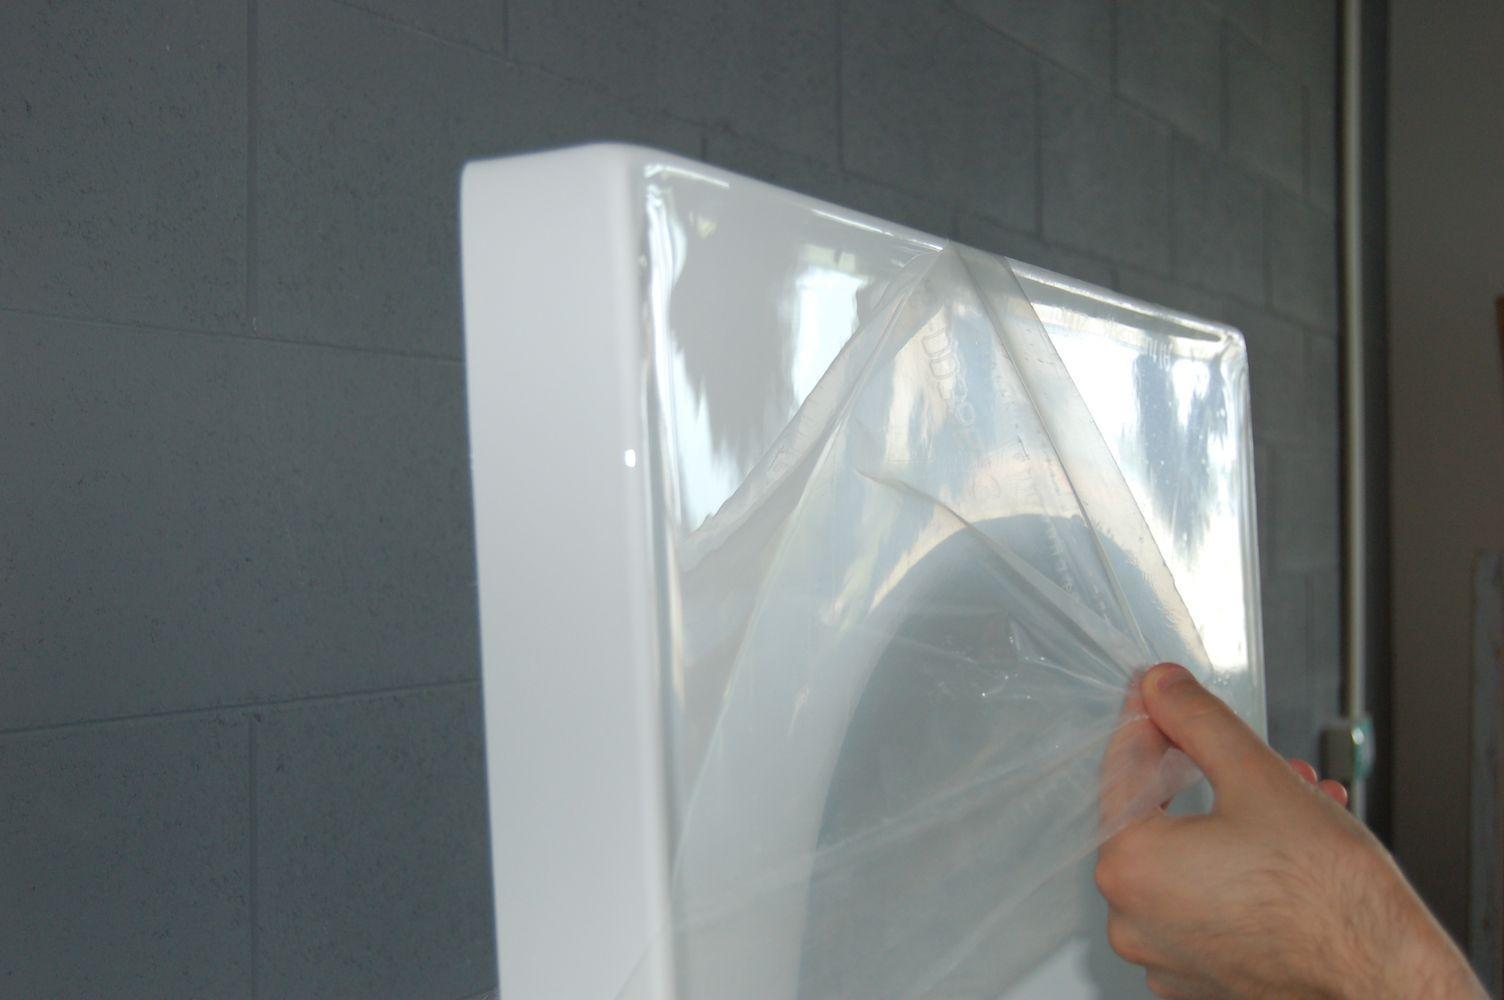 Vasca Da Bagno 120 70 Prezzi : Vasche da sovrapposizione produzione vasche da bagno acryltech